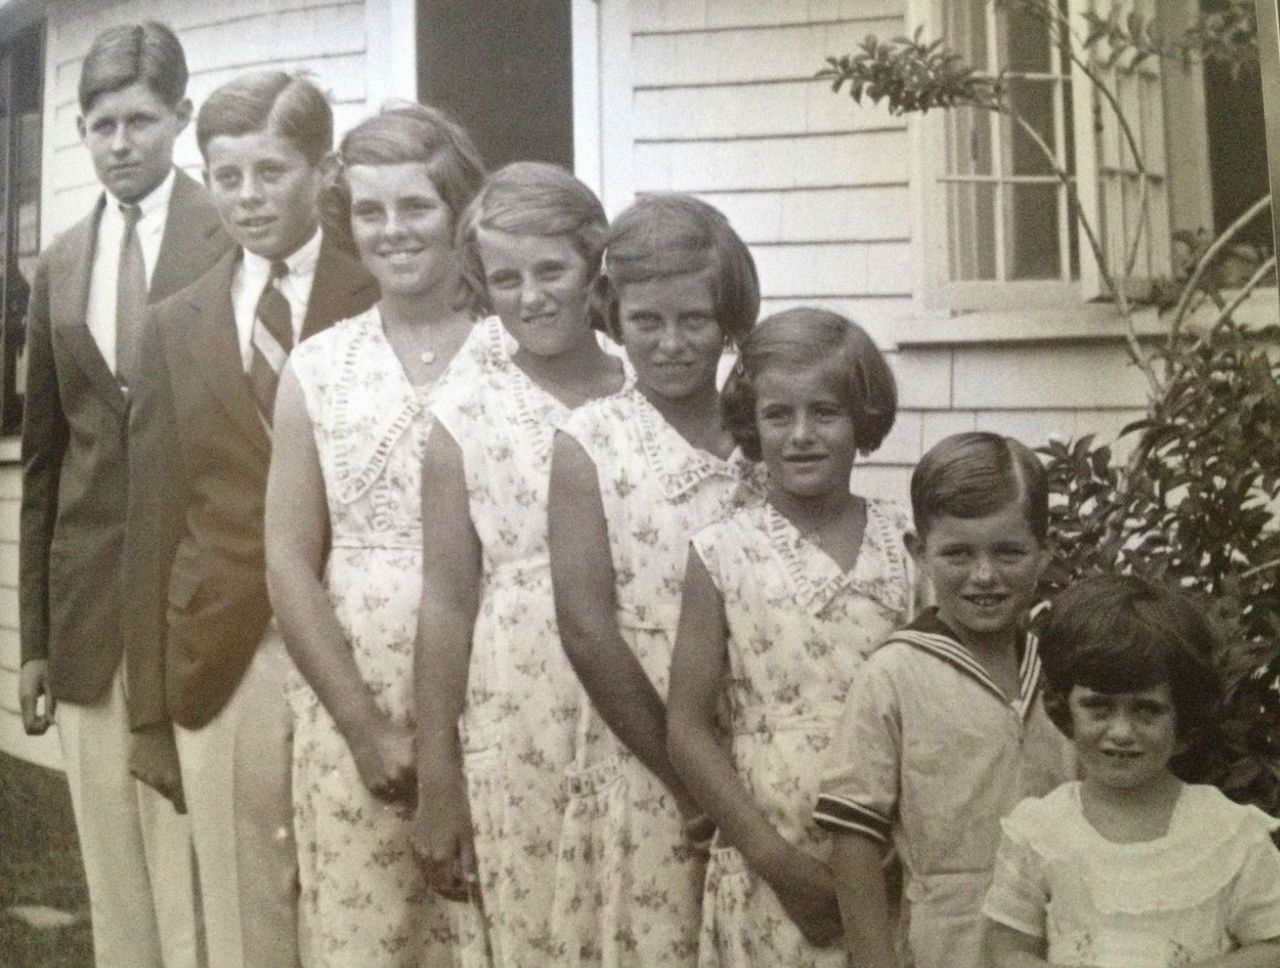 Joe Jr., Jack, Rosemary, Kick, Eunice, Pat, Bobby, and Jean